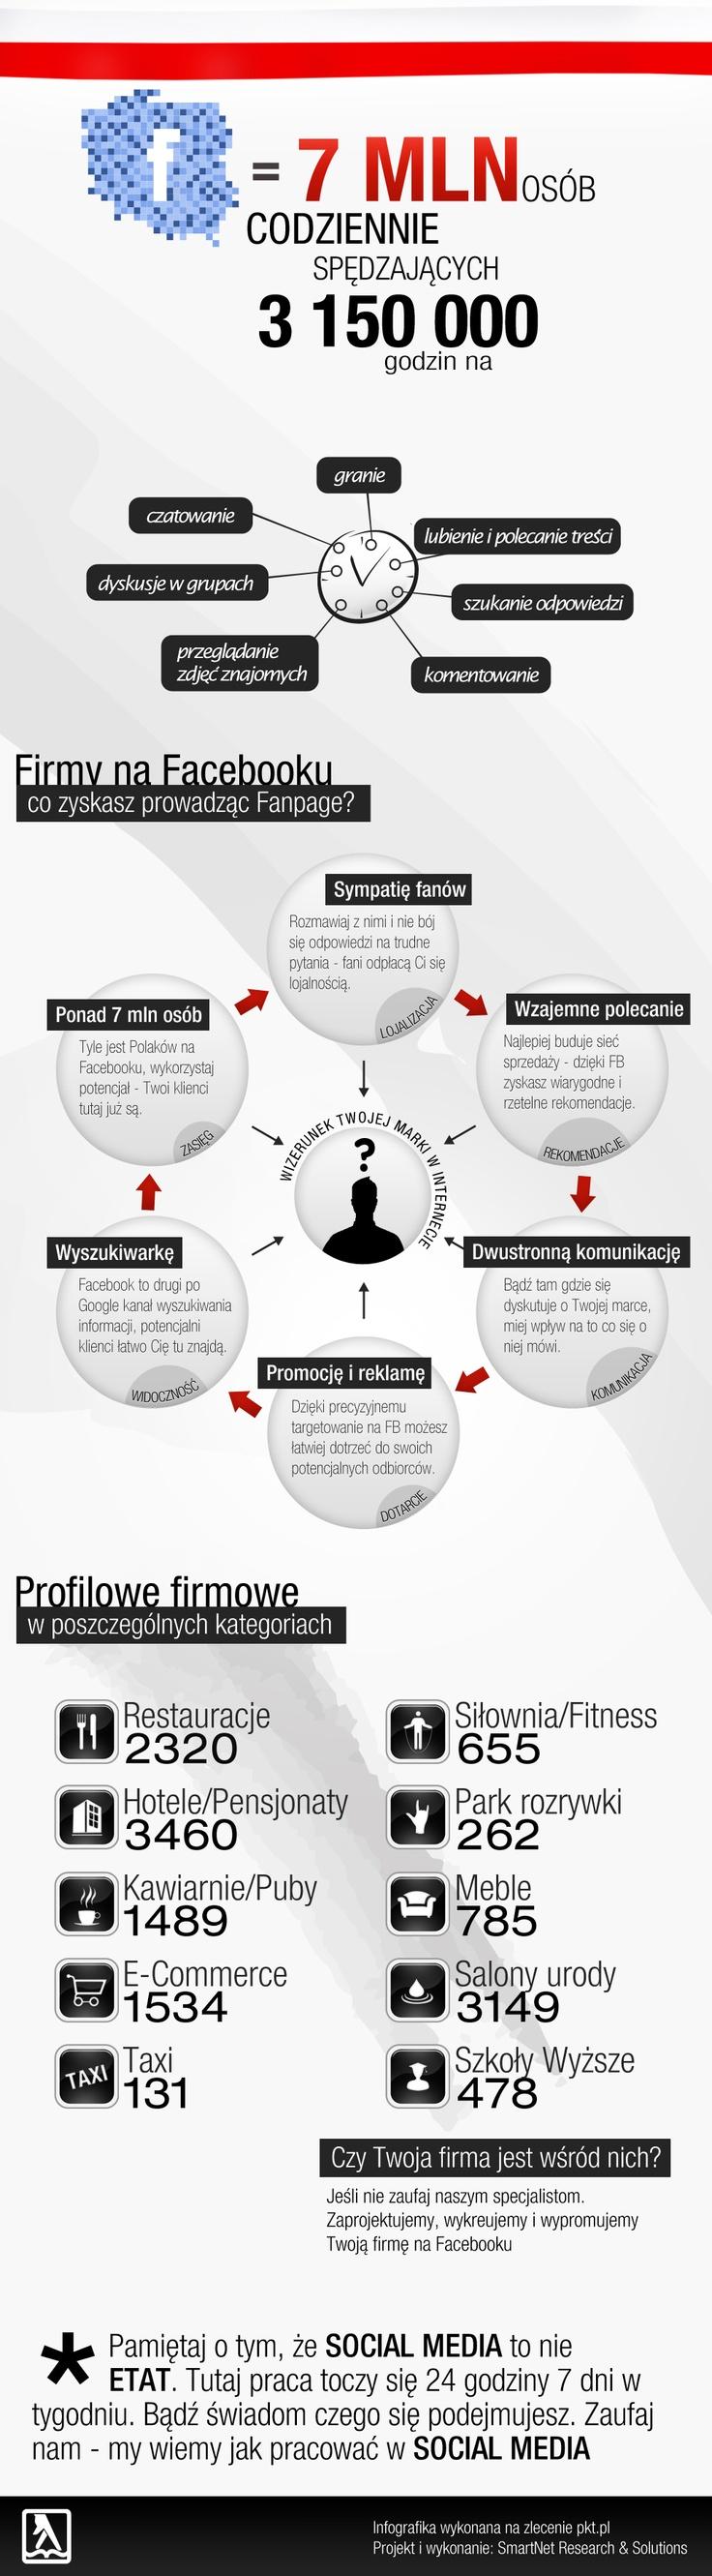 Infografika - Facebook from Sotrender